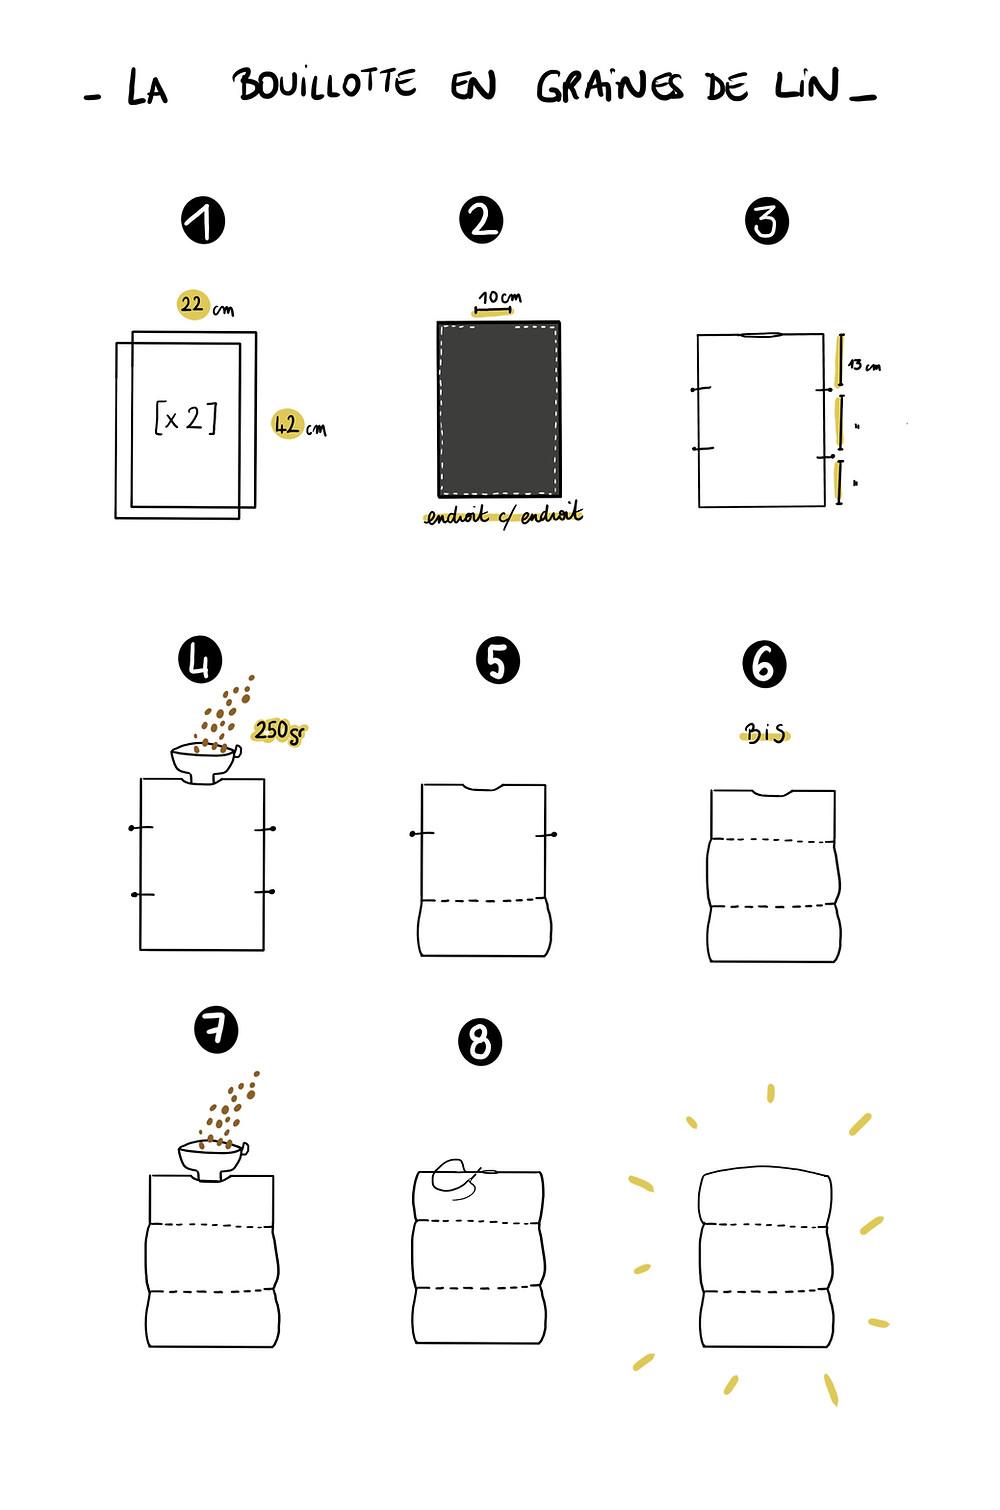 Bouillotte sèche en graines de lin - tuto DIY